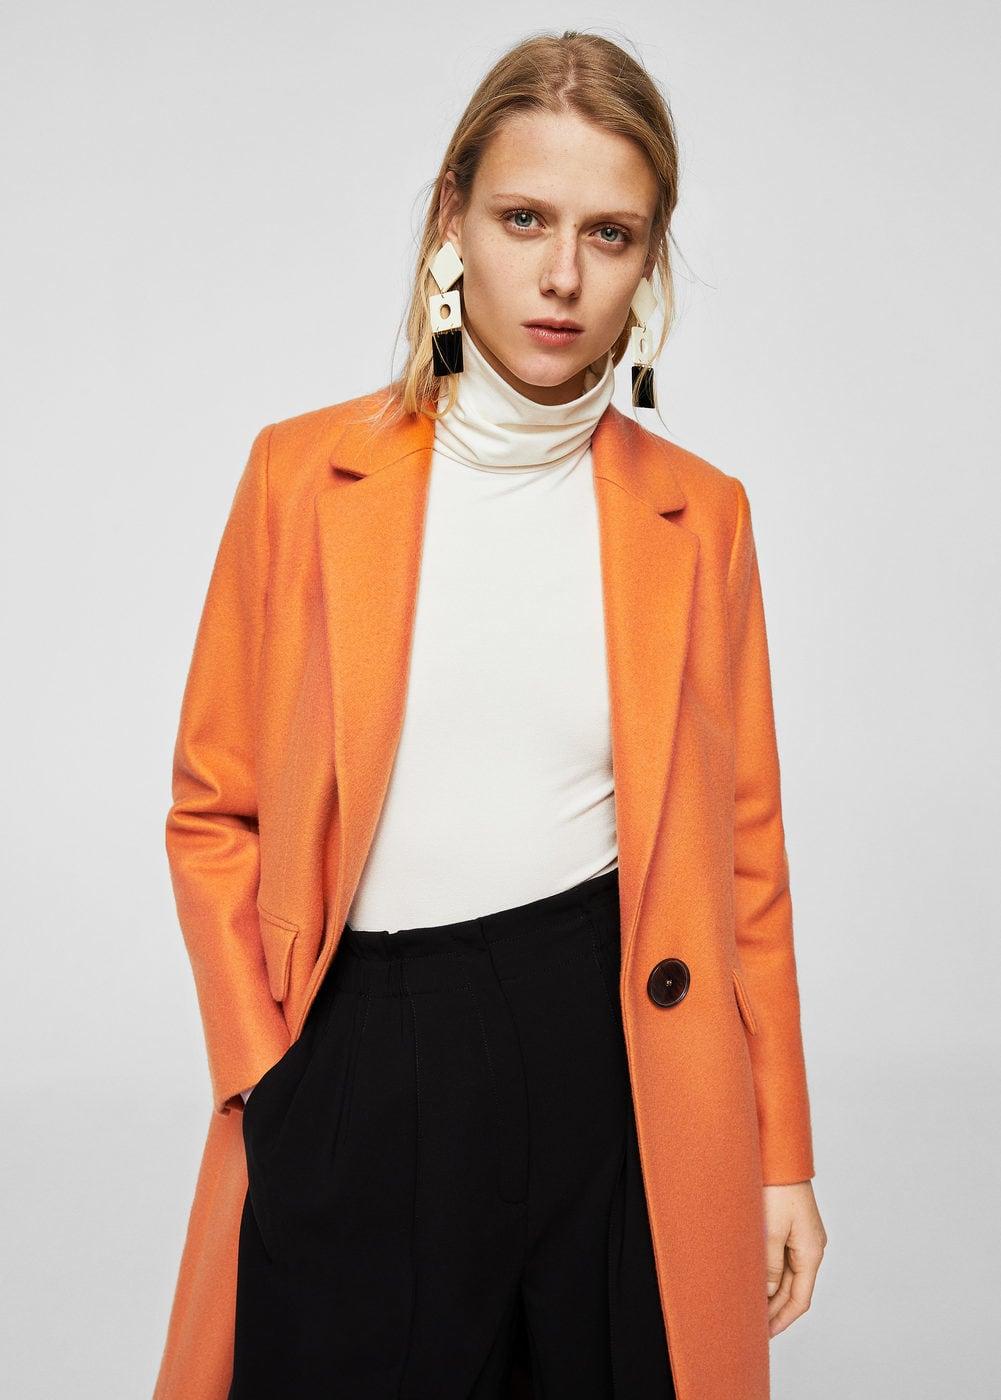 Mango CITRUS Manteau Classique Orange